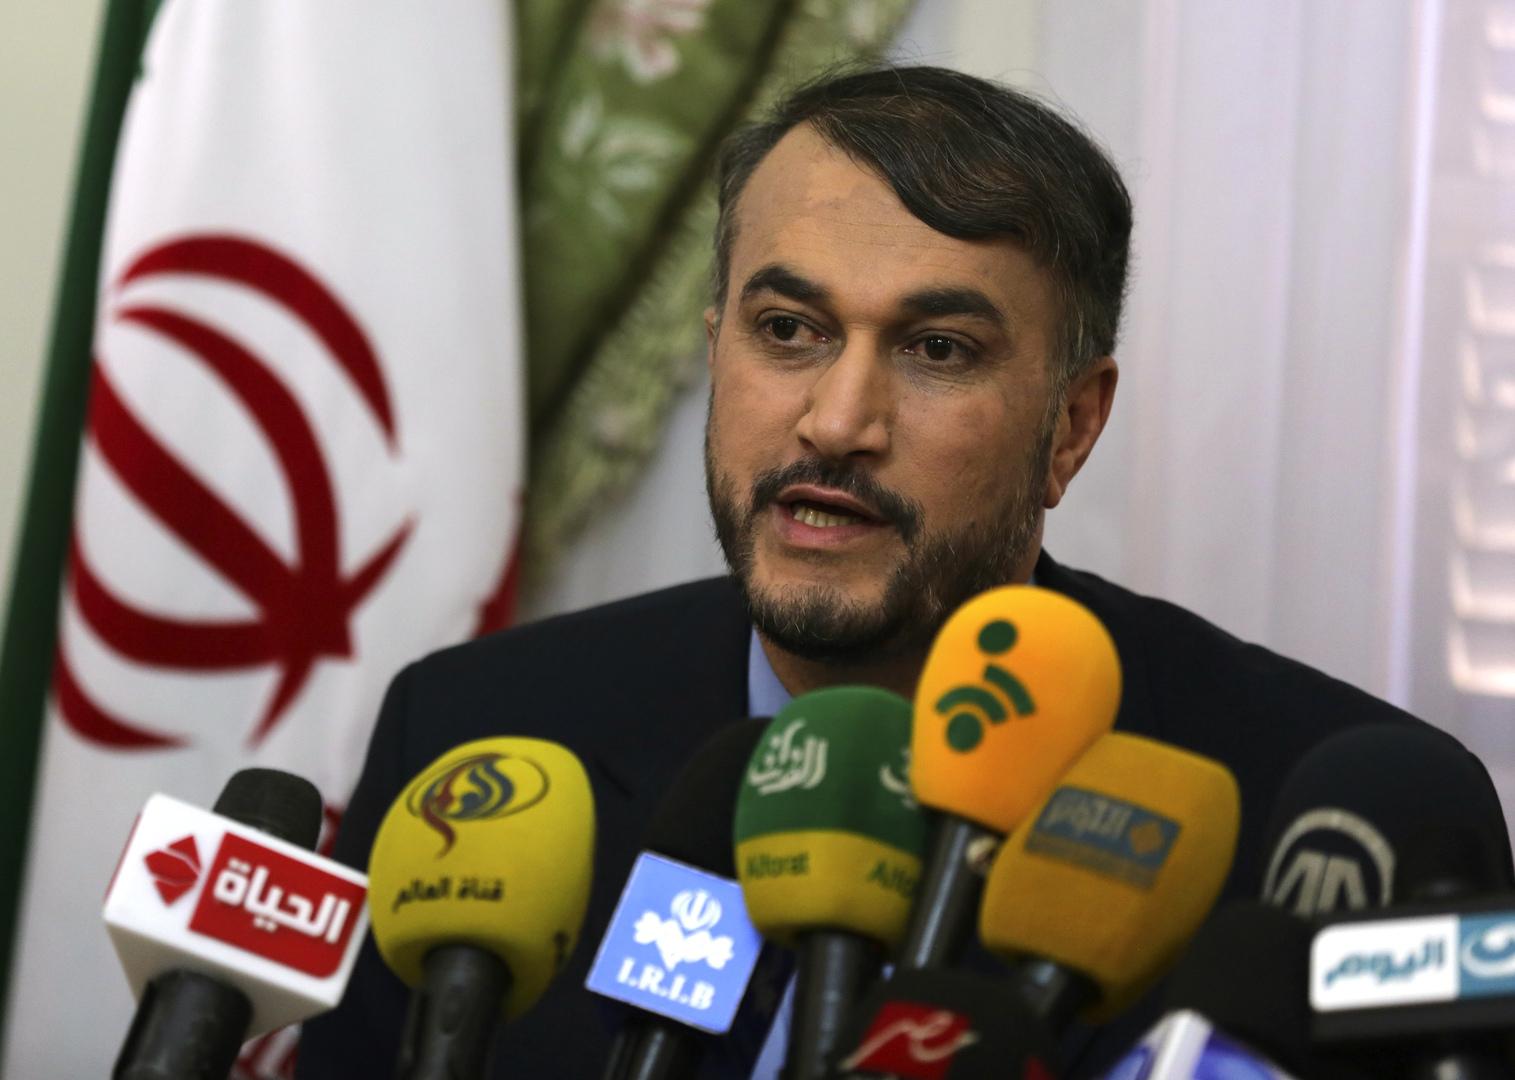 عبد اللهيان: معادلات جديدة تولد بالمنطقة وإسرائيل وأمريكا تخططان لتقسيم الدول الإسلامية